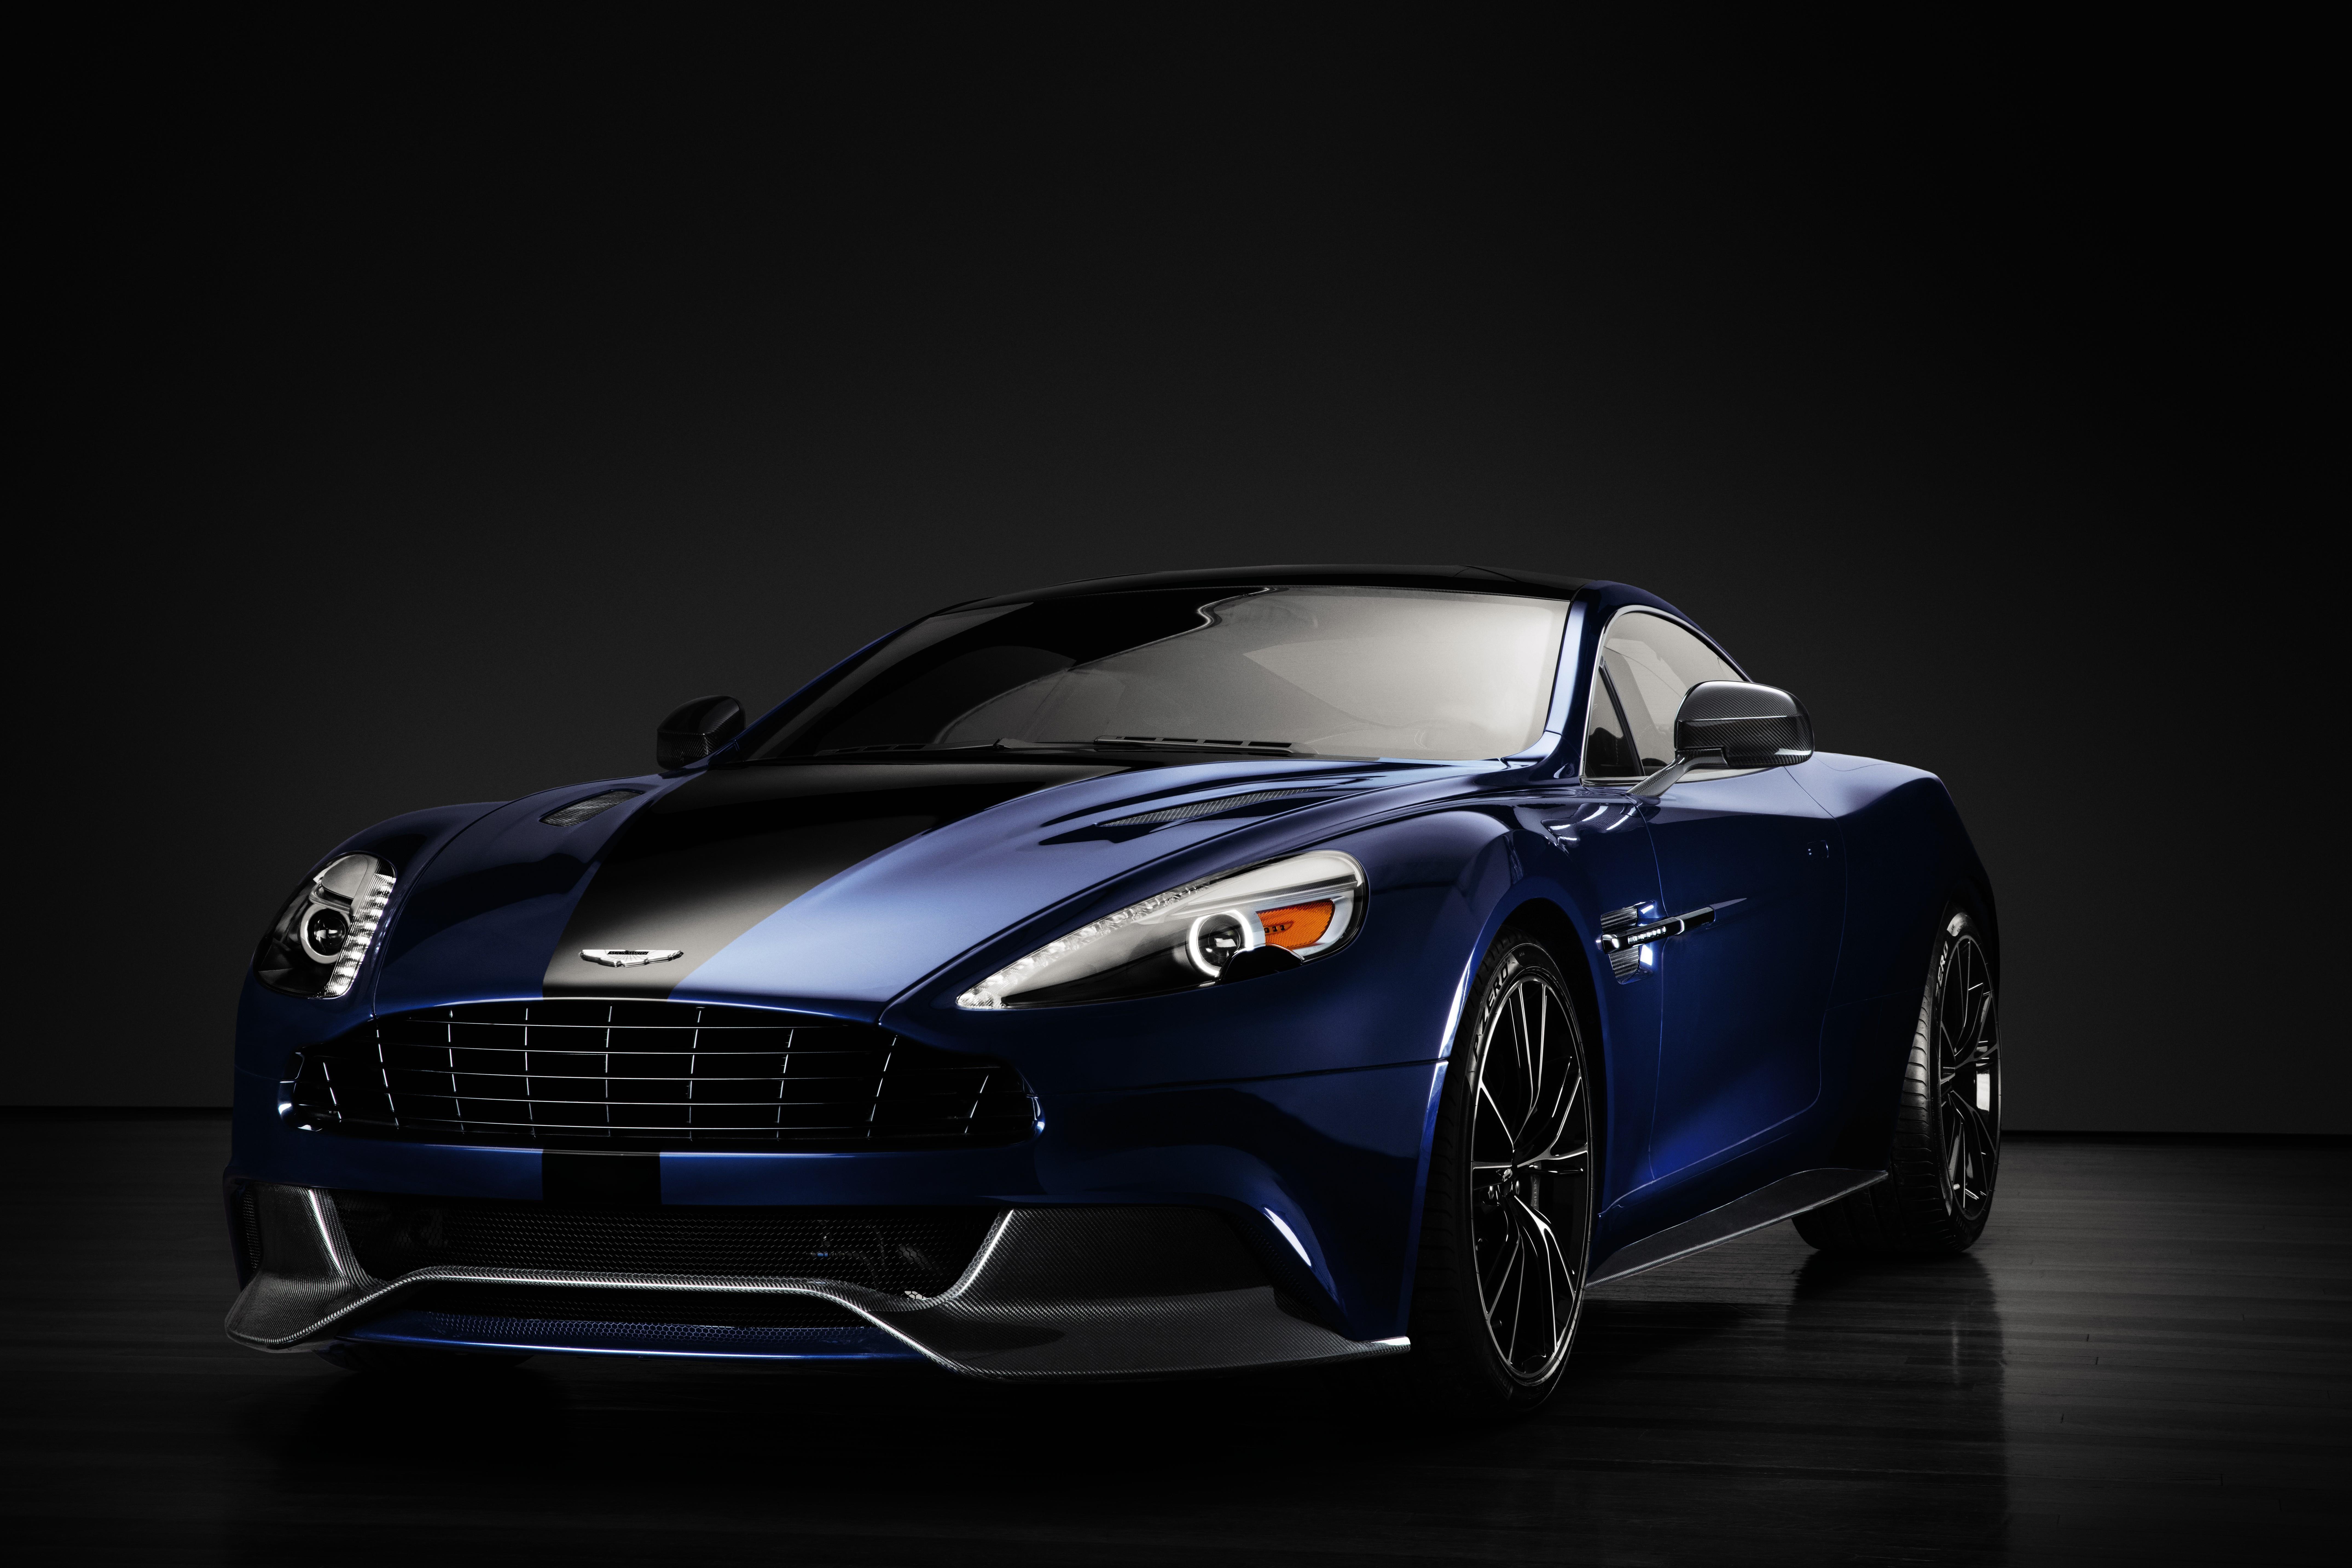 Elárverezik James Bond Gyönyörű Autóját